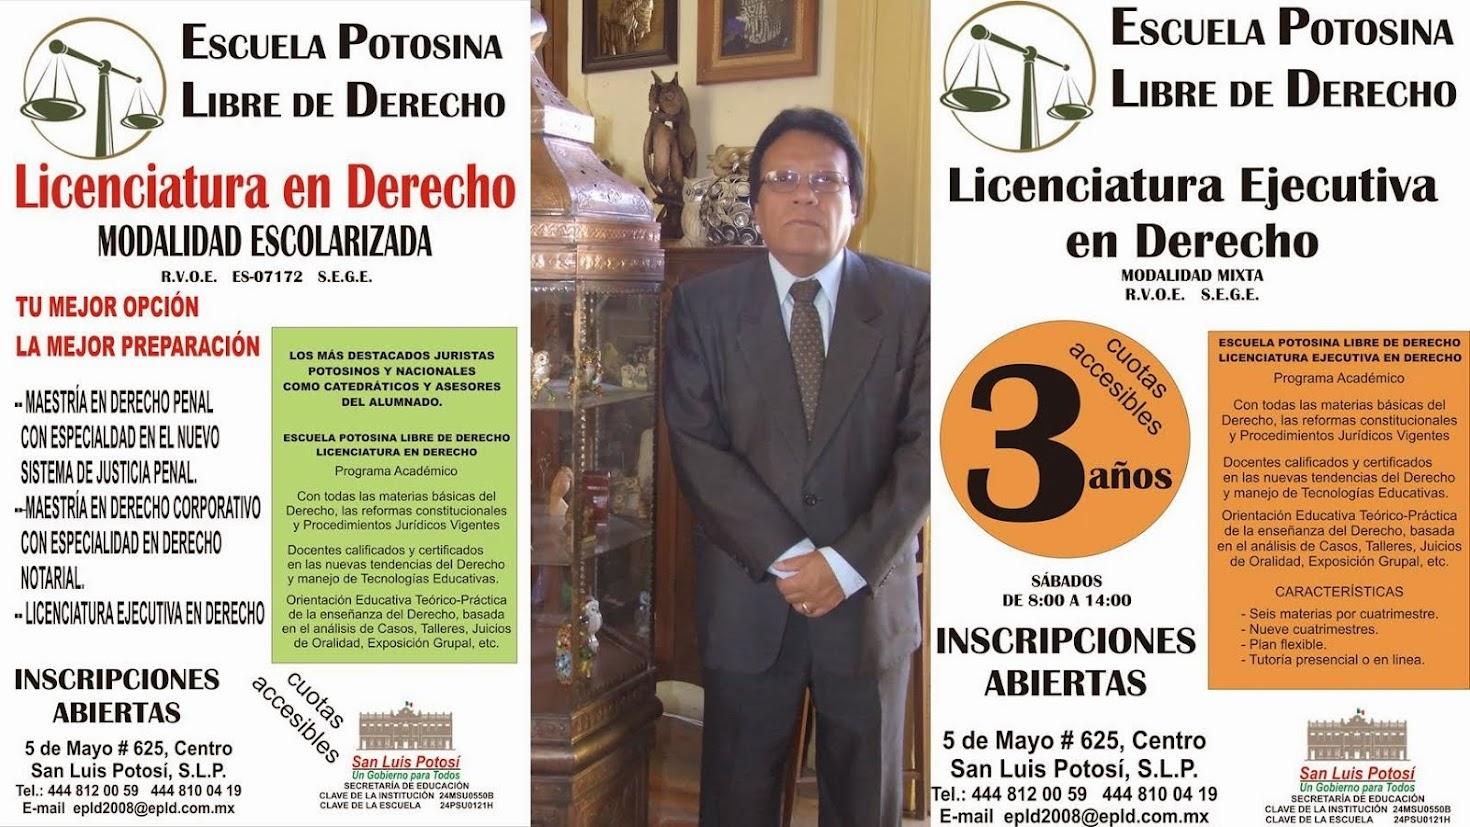 ESCUELA POTOSINA LIBRE DE DERECHO. INSCRIPCIONES ABIERTAS.